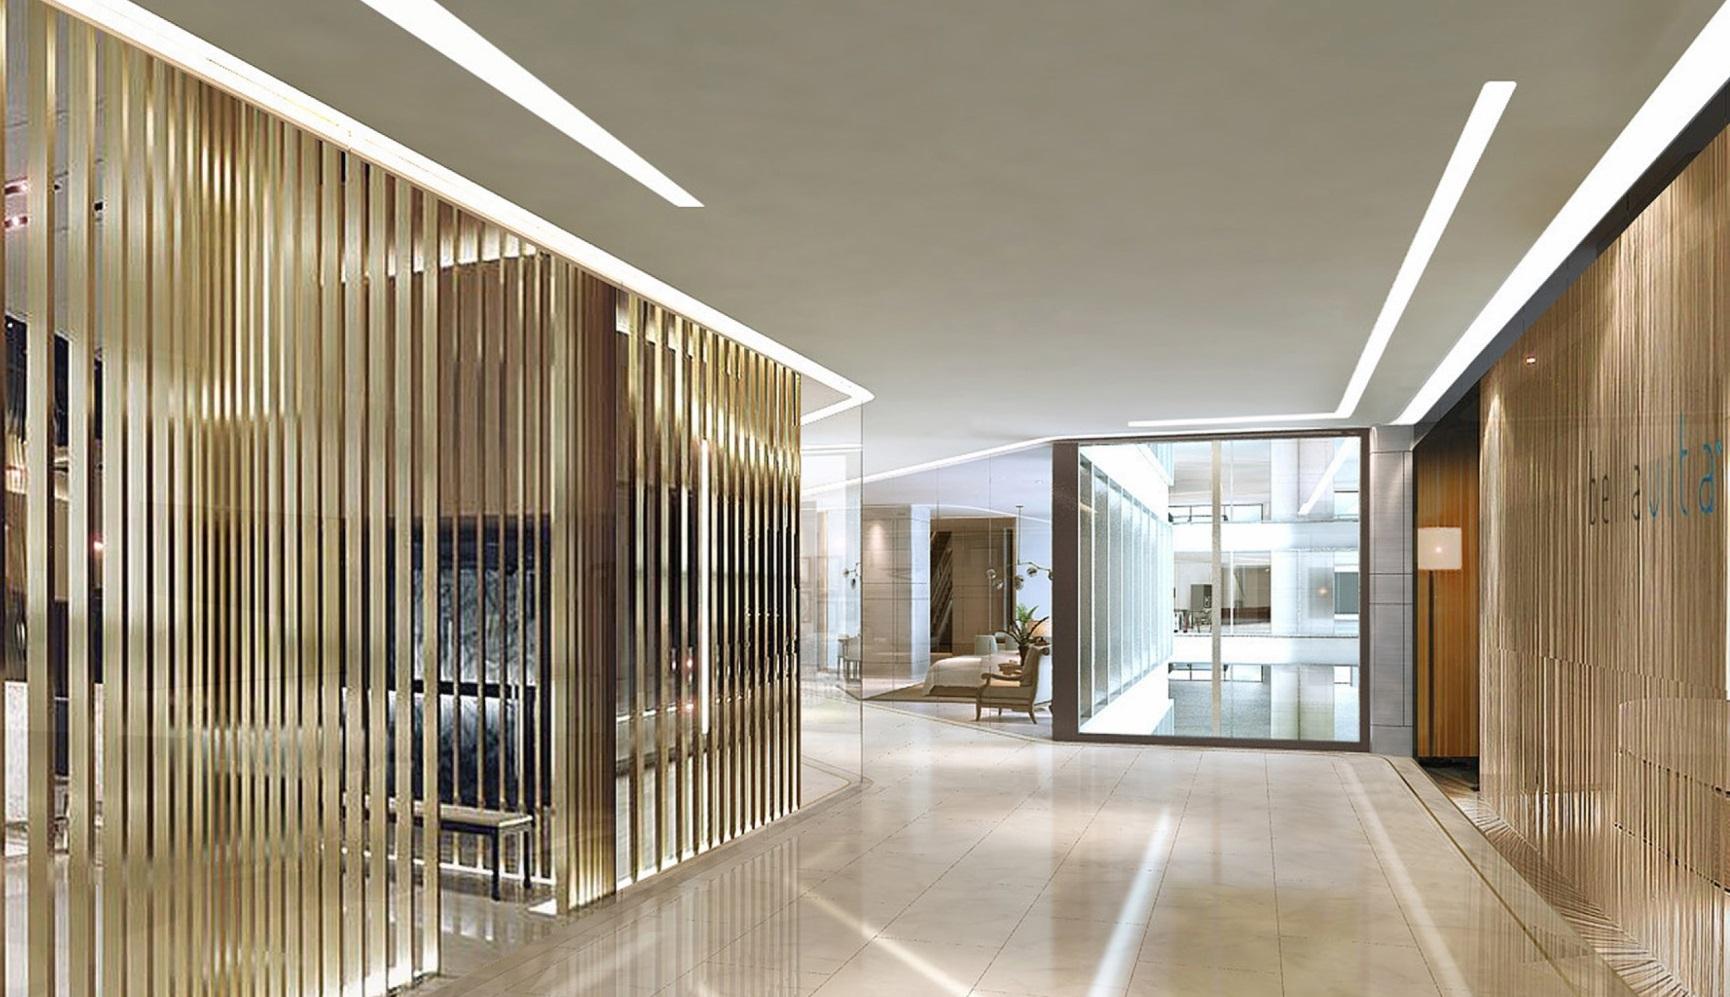 Tập đoàn Sun Group khai trương trung tâm thương mại Sun Plaza đầu tiên tại Hà Nội